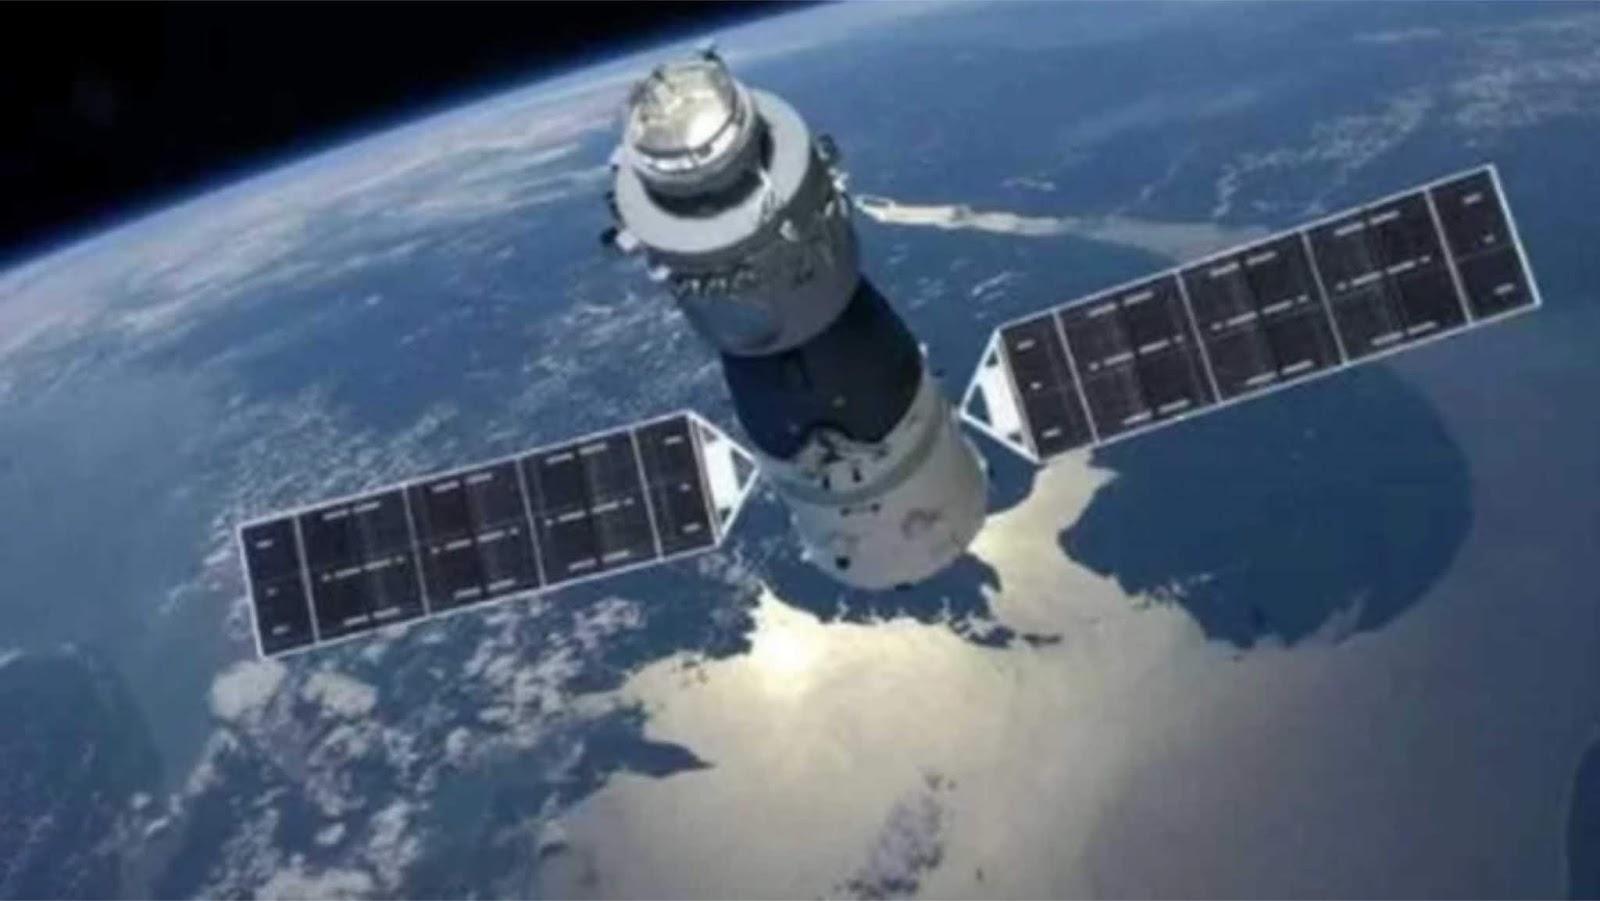 Rusia akan melanjutkan proyek Star-1 meluncurkan satelit dari kompleks rudal tempur mobile